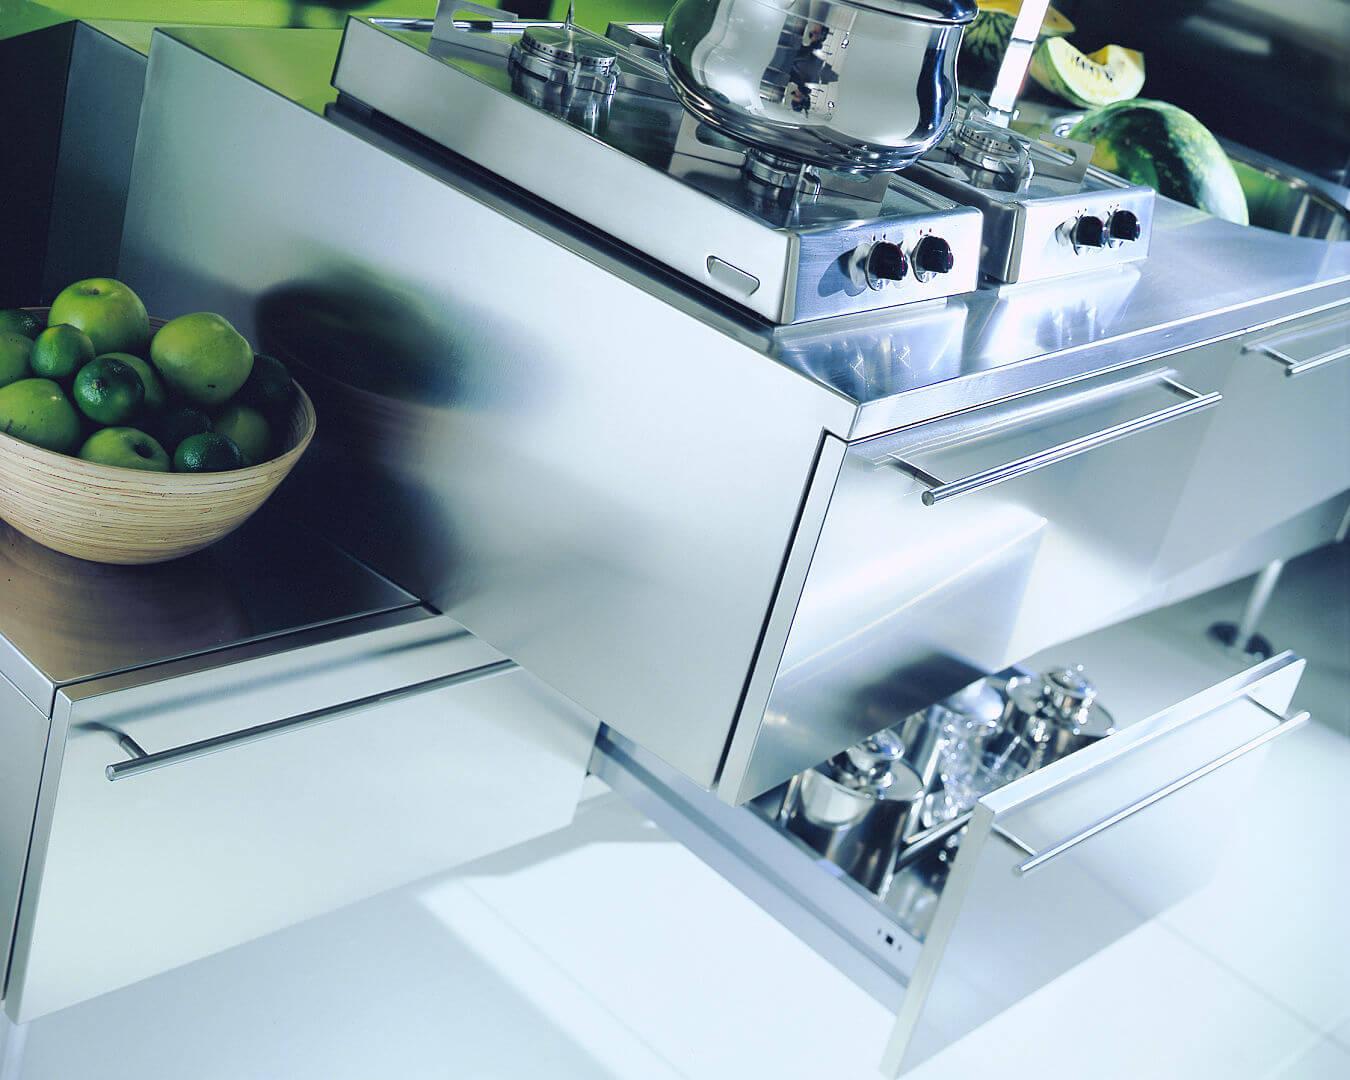 Arca Cucine Italia - Cucina in Acciaio Inox su misura - Cestone